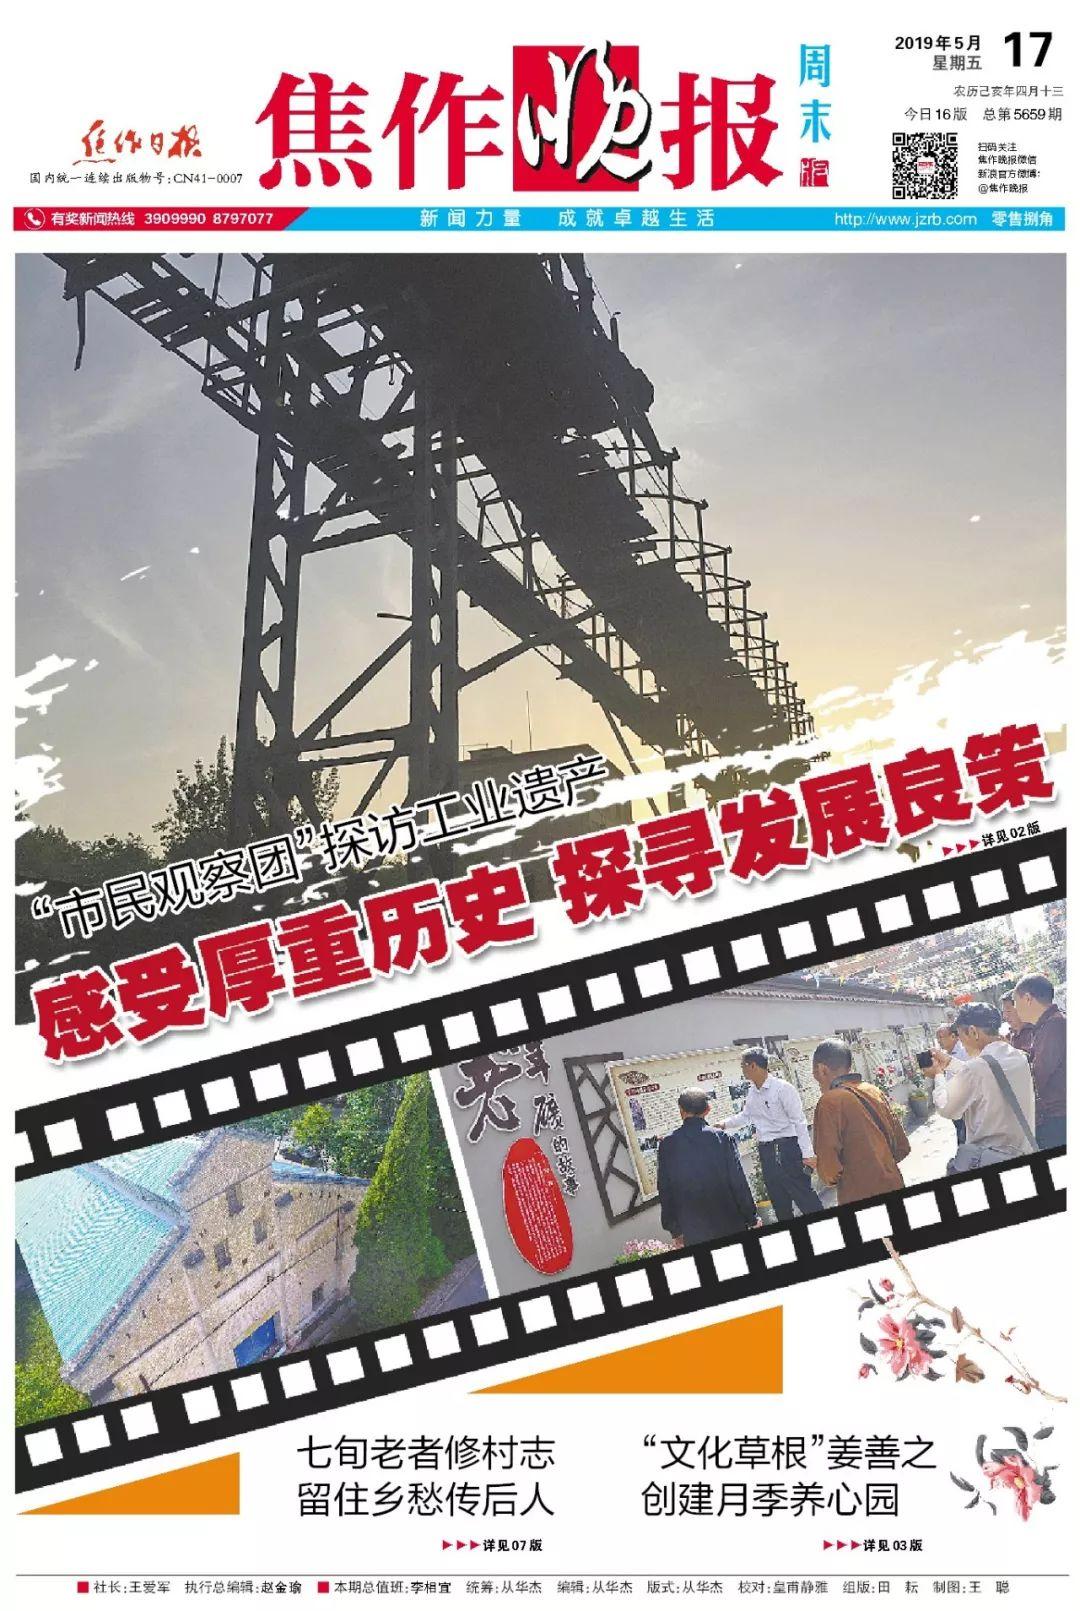 """【晚报速读】焦作""""市民观察团"""""""